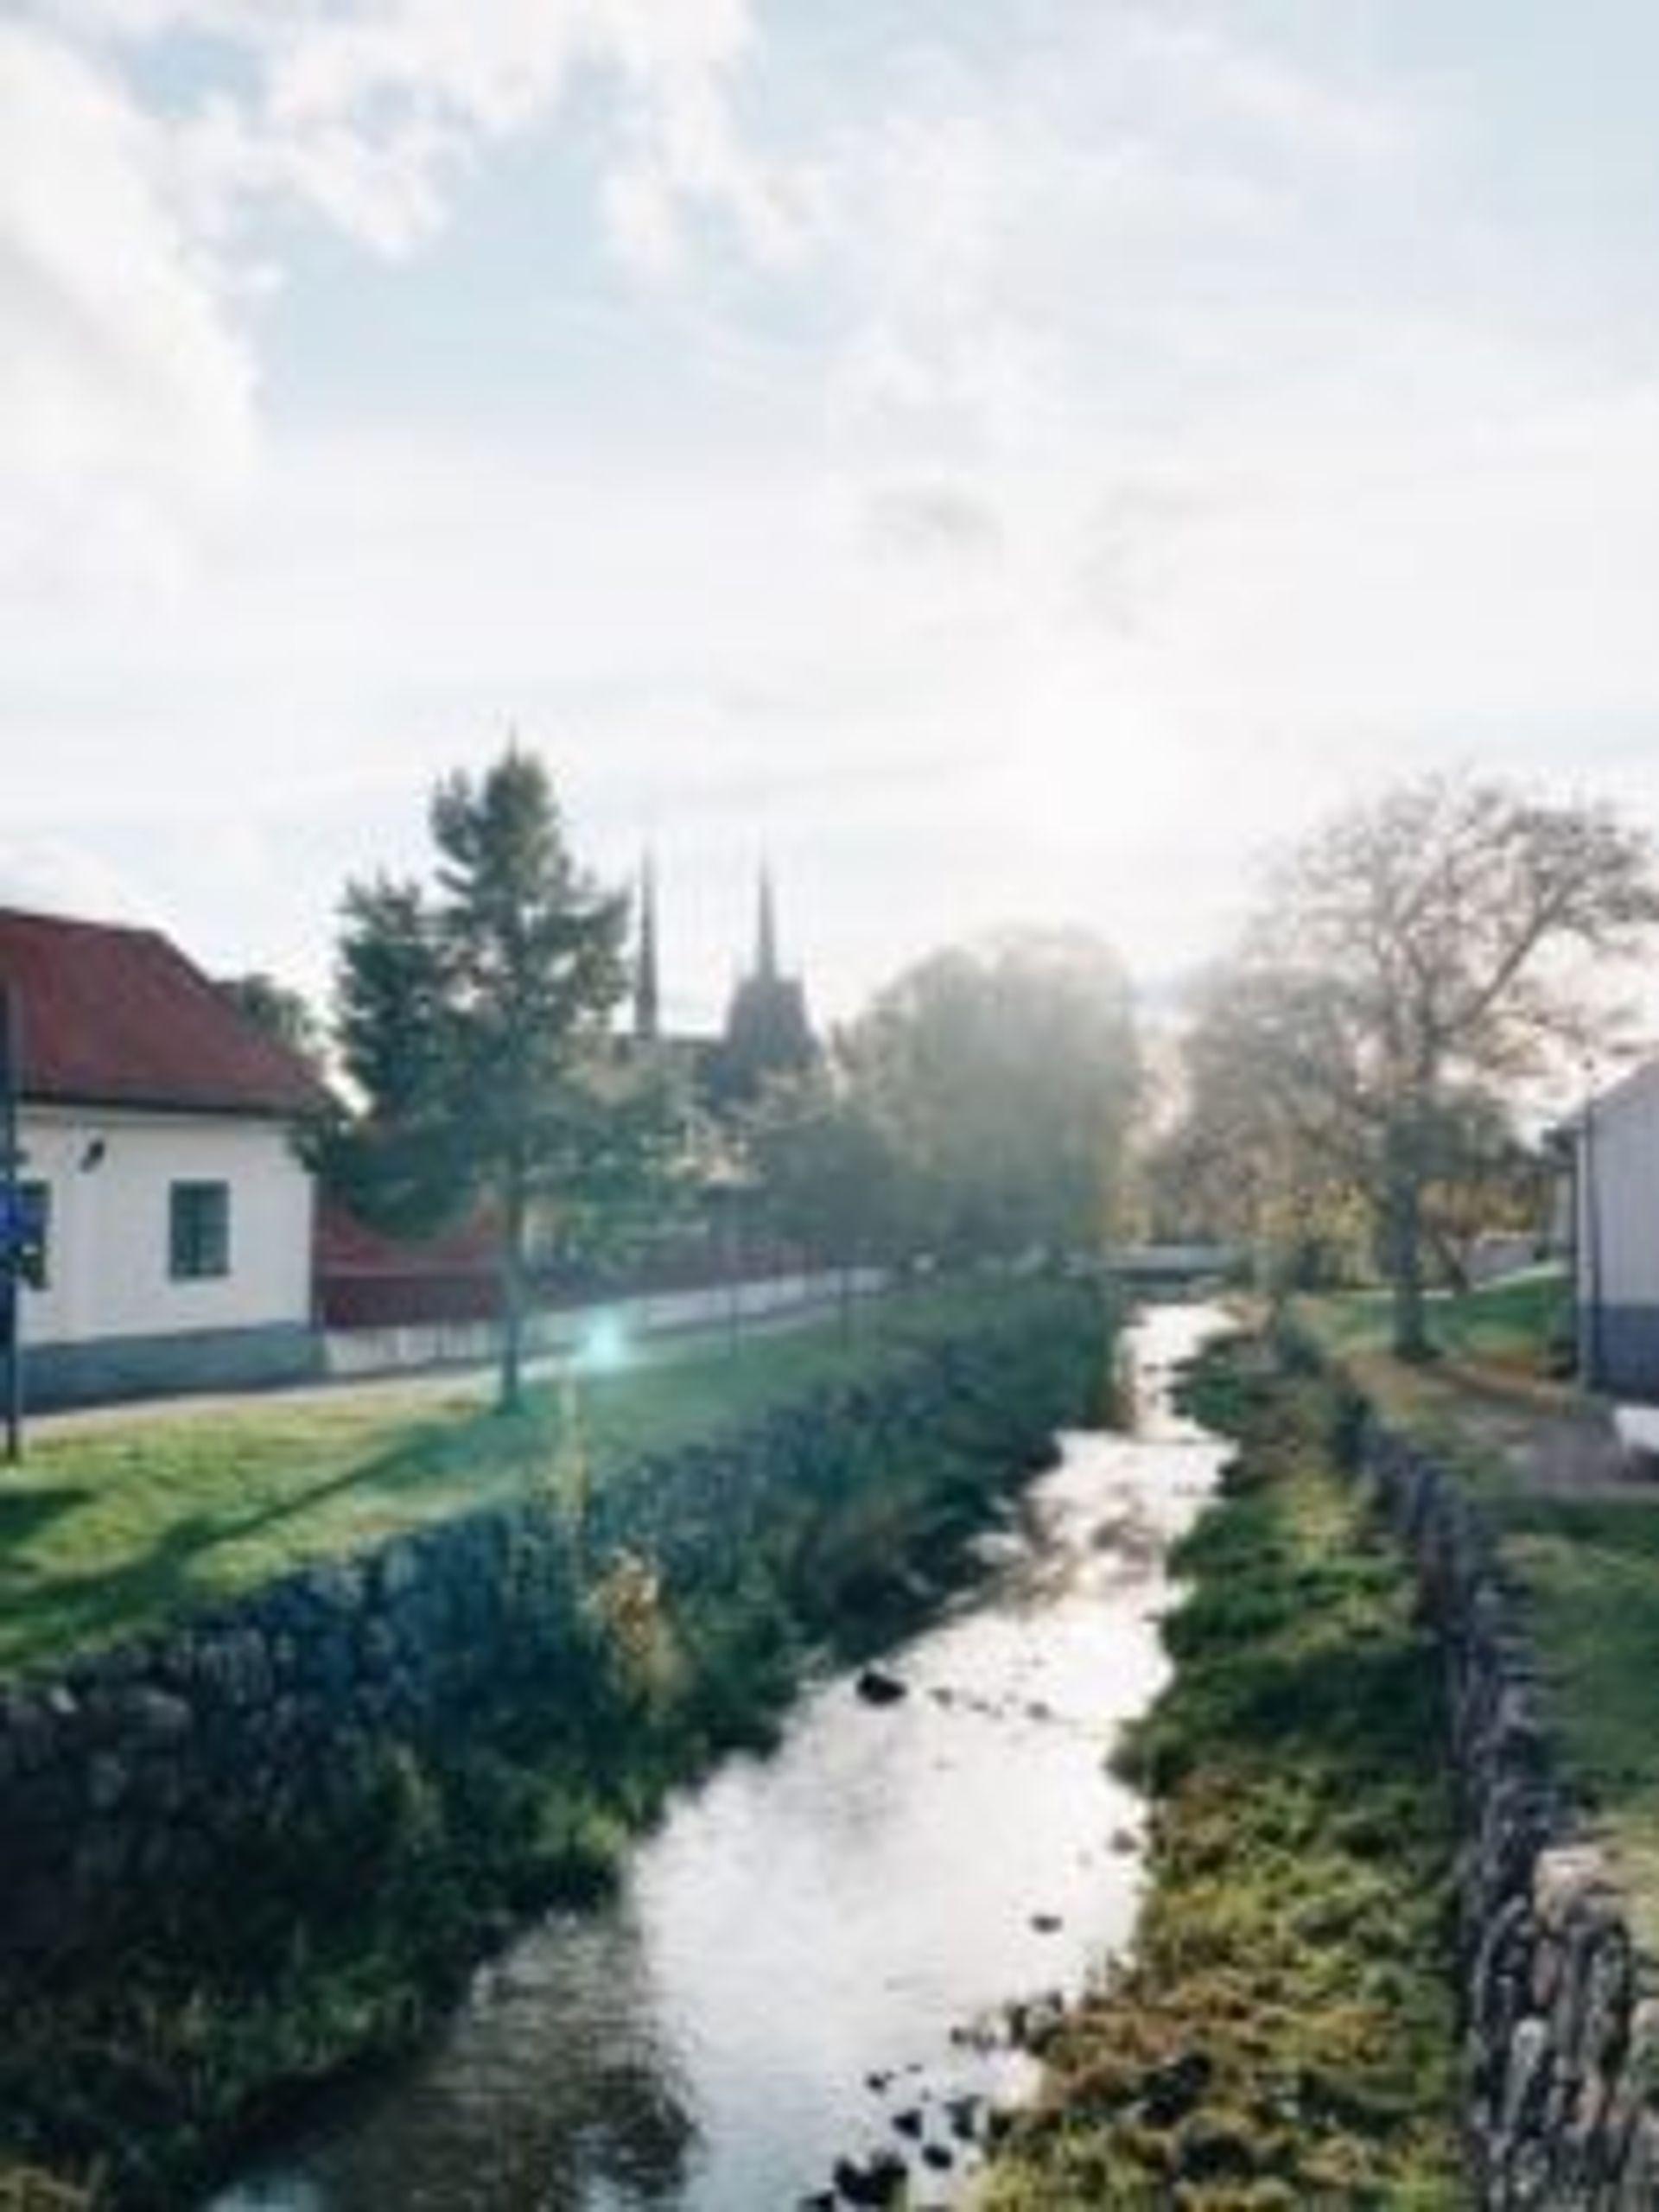 A stream beside a church.